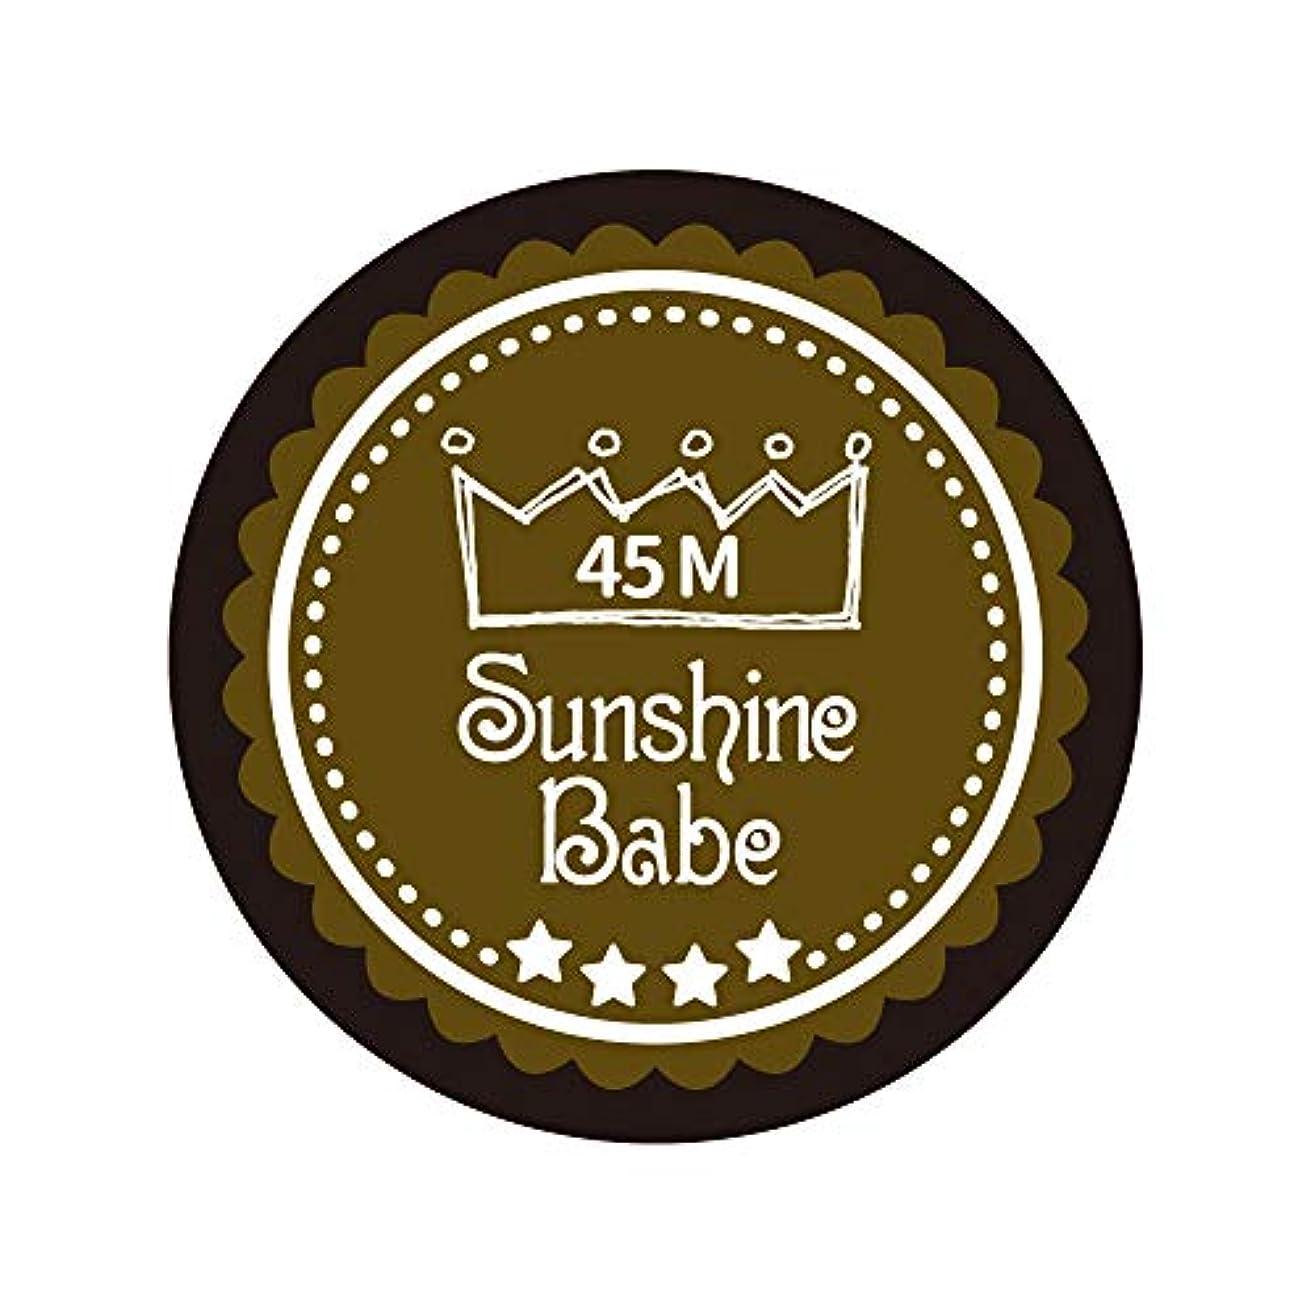 ベスト回復する詳細にSunshine Babe カラージェル 45M マティーニオリーブ 4g UV/LED対応